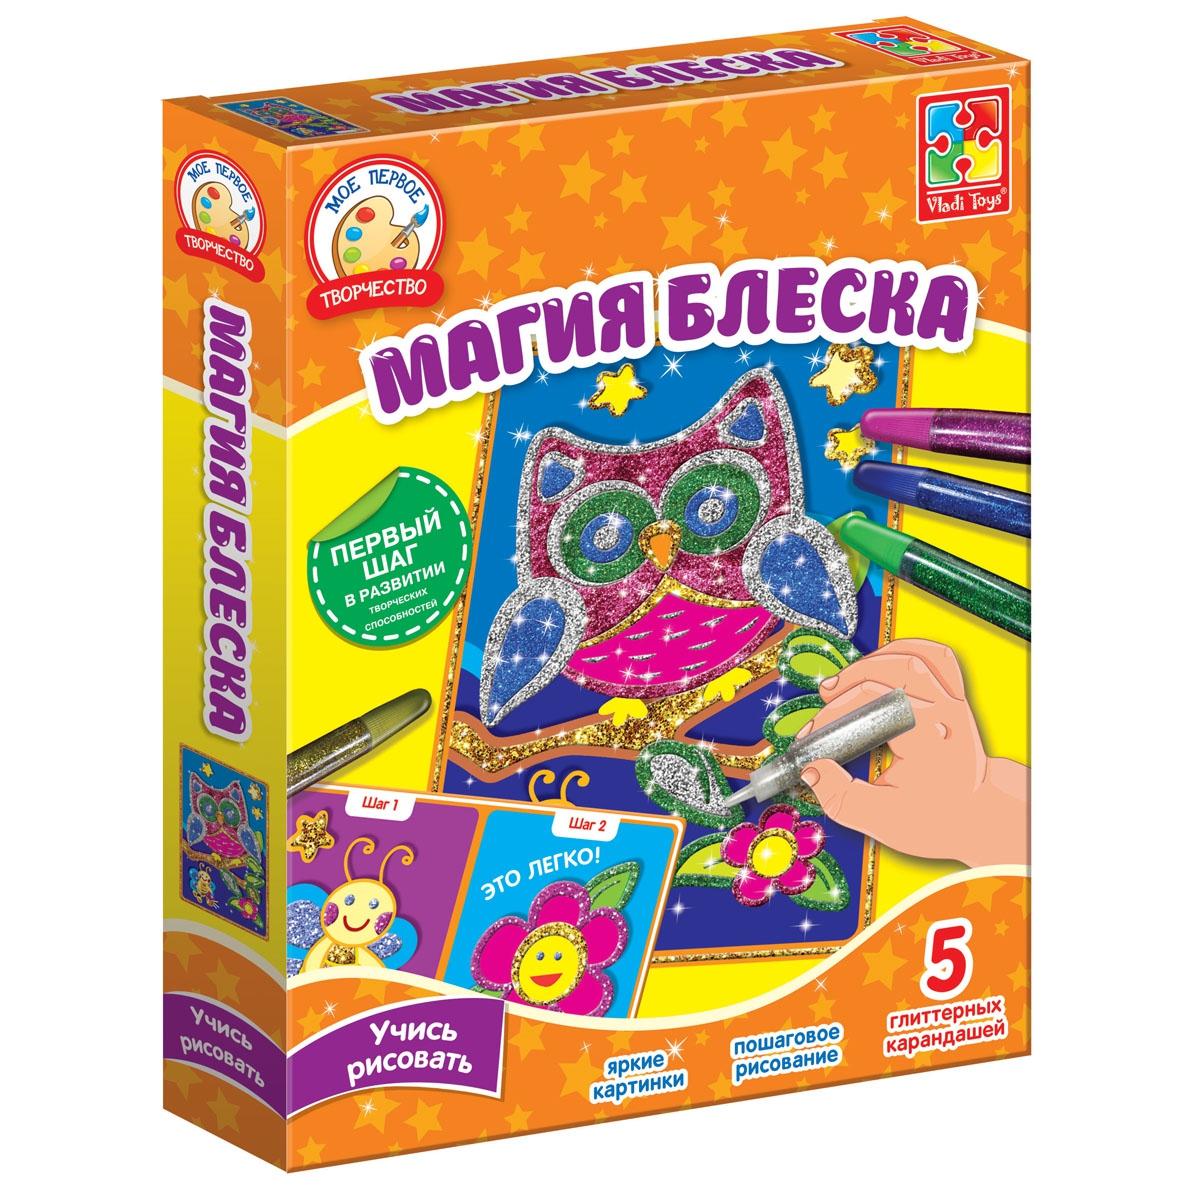 Наборы для творчества Vladi Toys Магия блеска Сова наборы для творчества vladi toys набор для творчества рисоварики магия блеска ежик